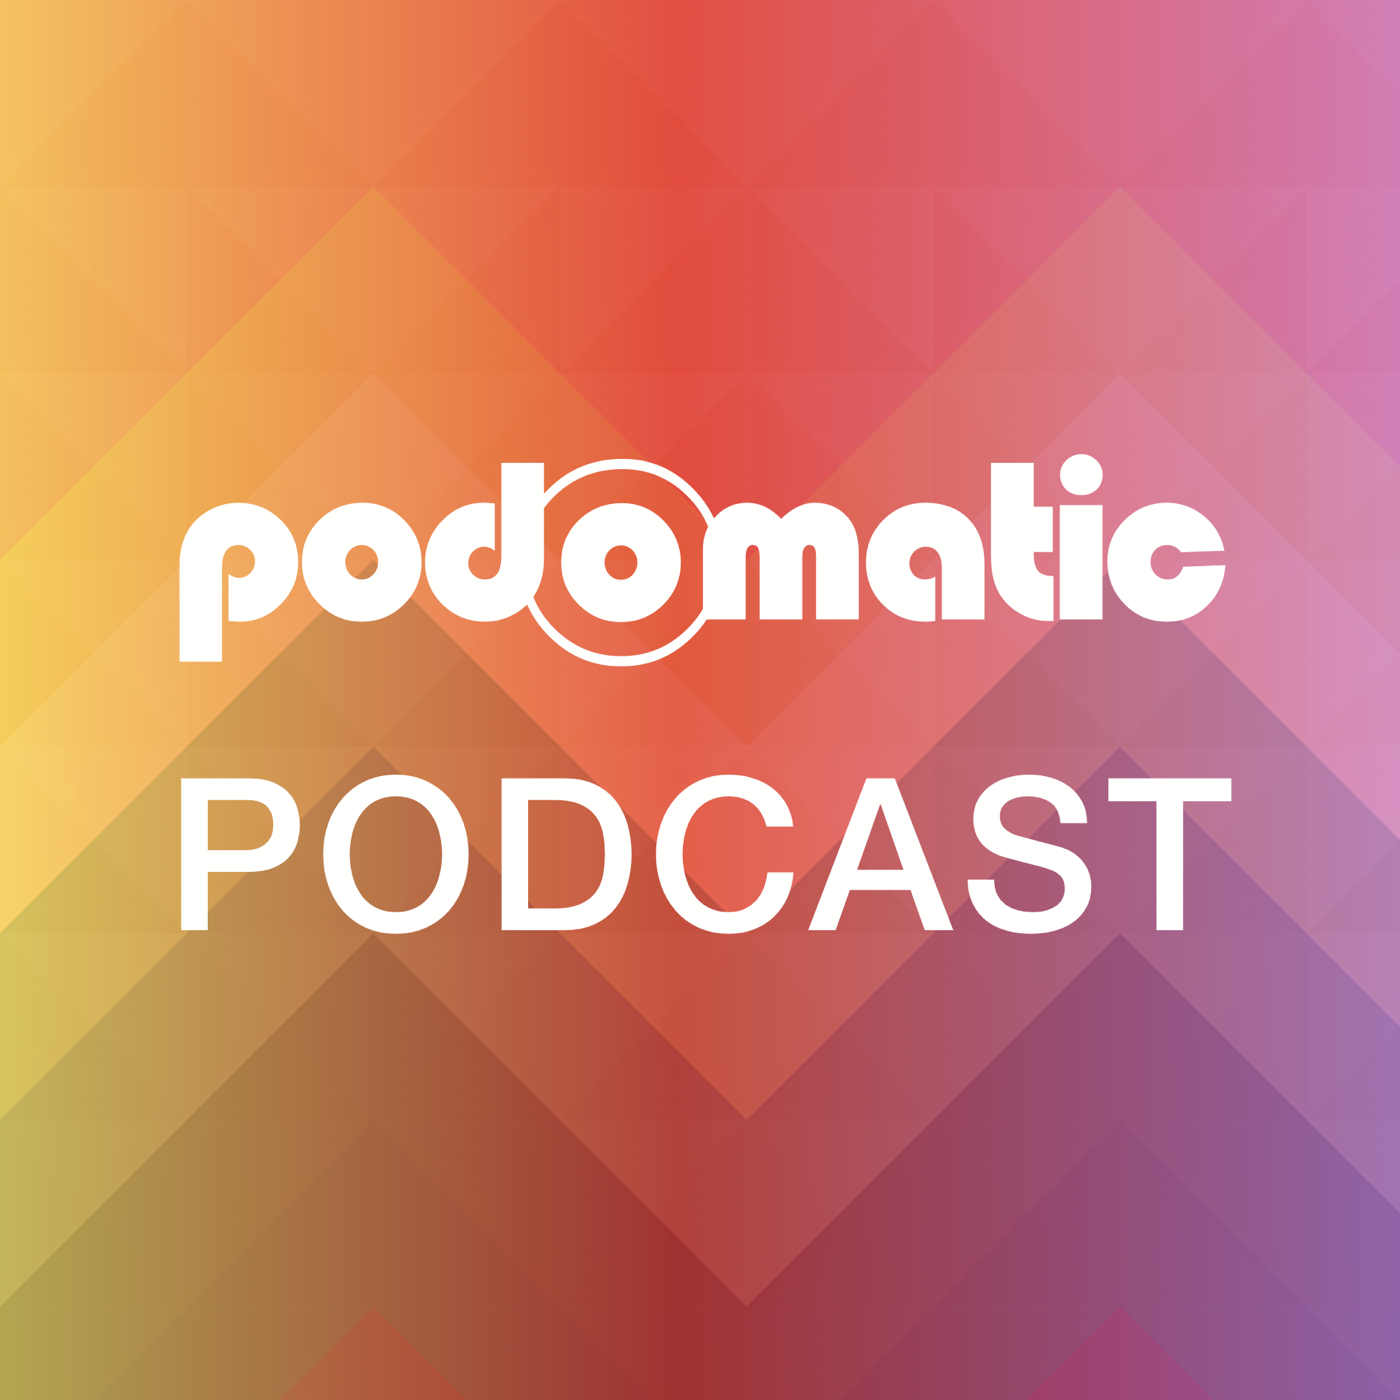 franckdona's Podcast